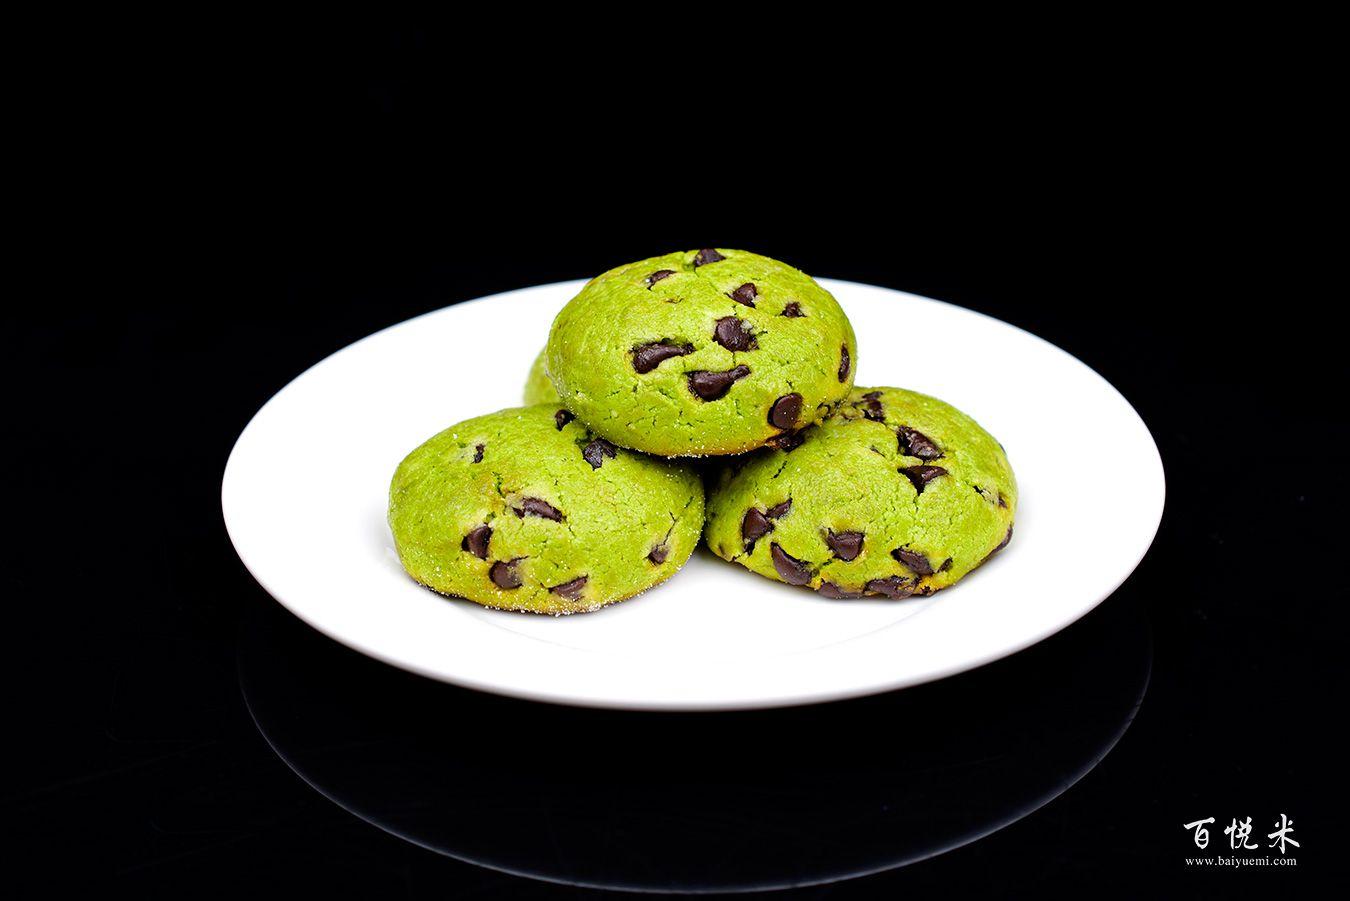 抹茶奶酪巧克力曲奇高清图片大全【蛋糕图片】_681